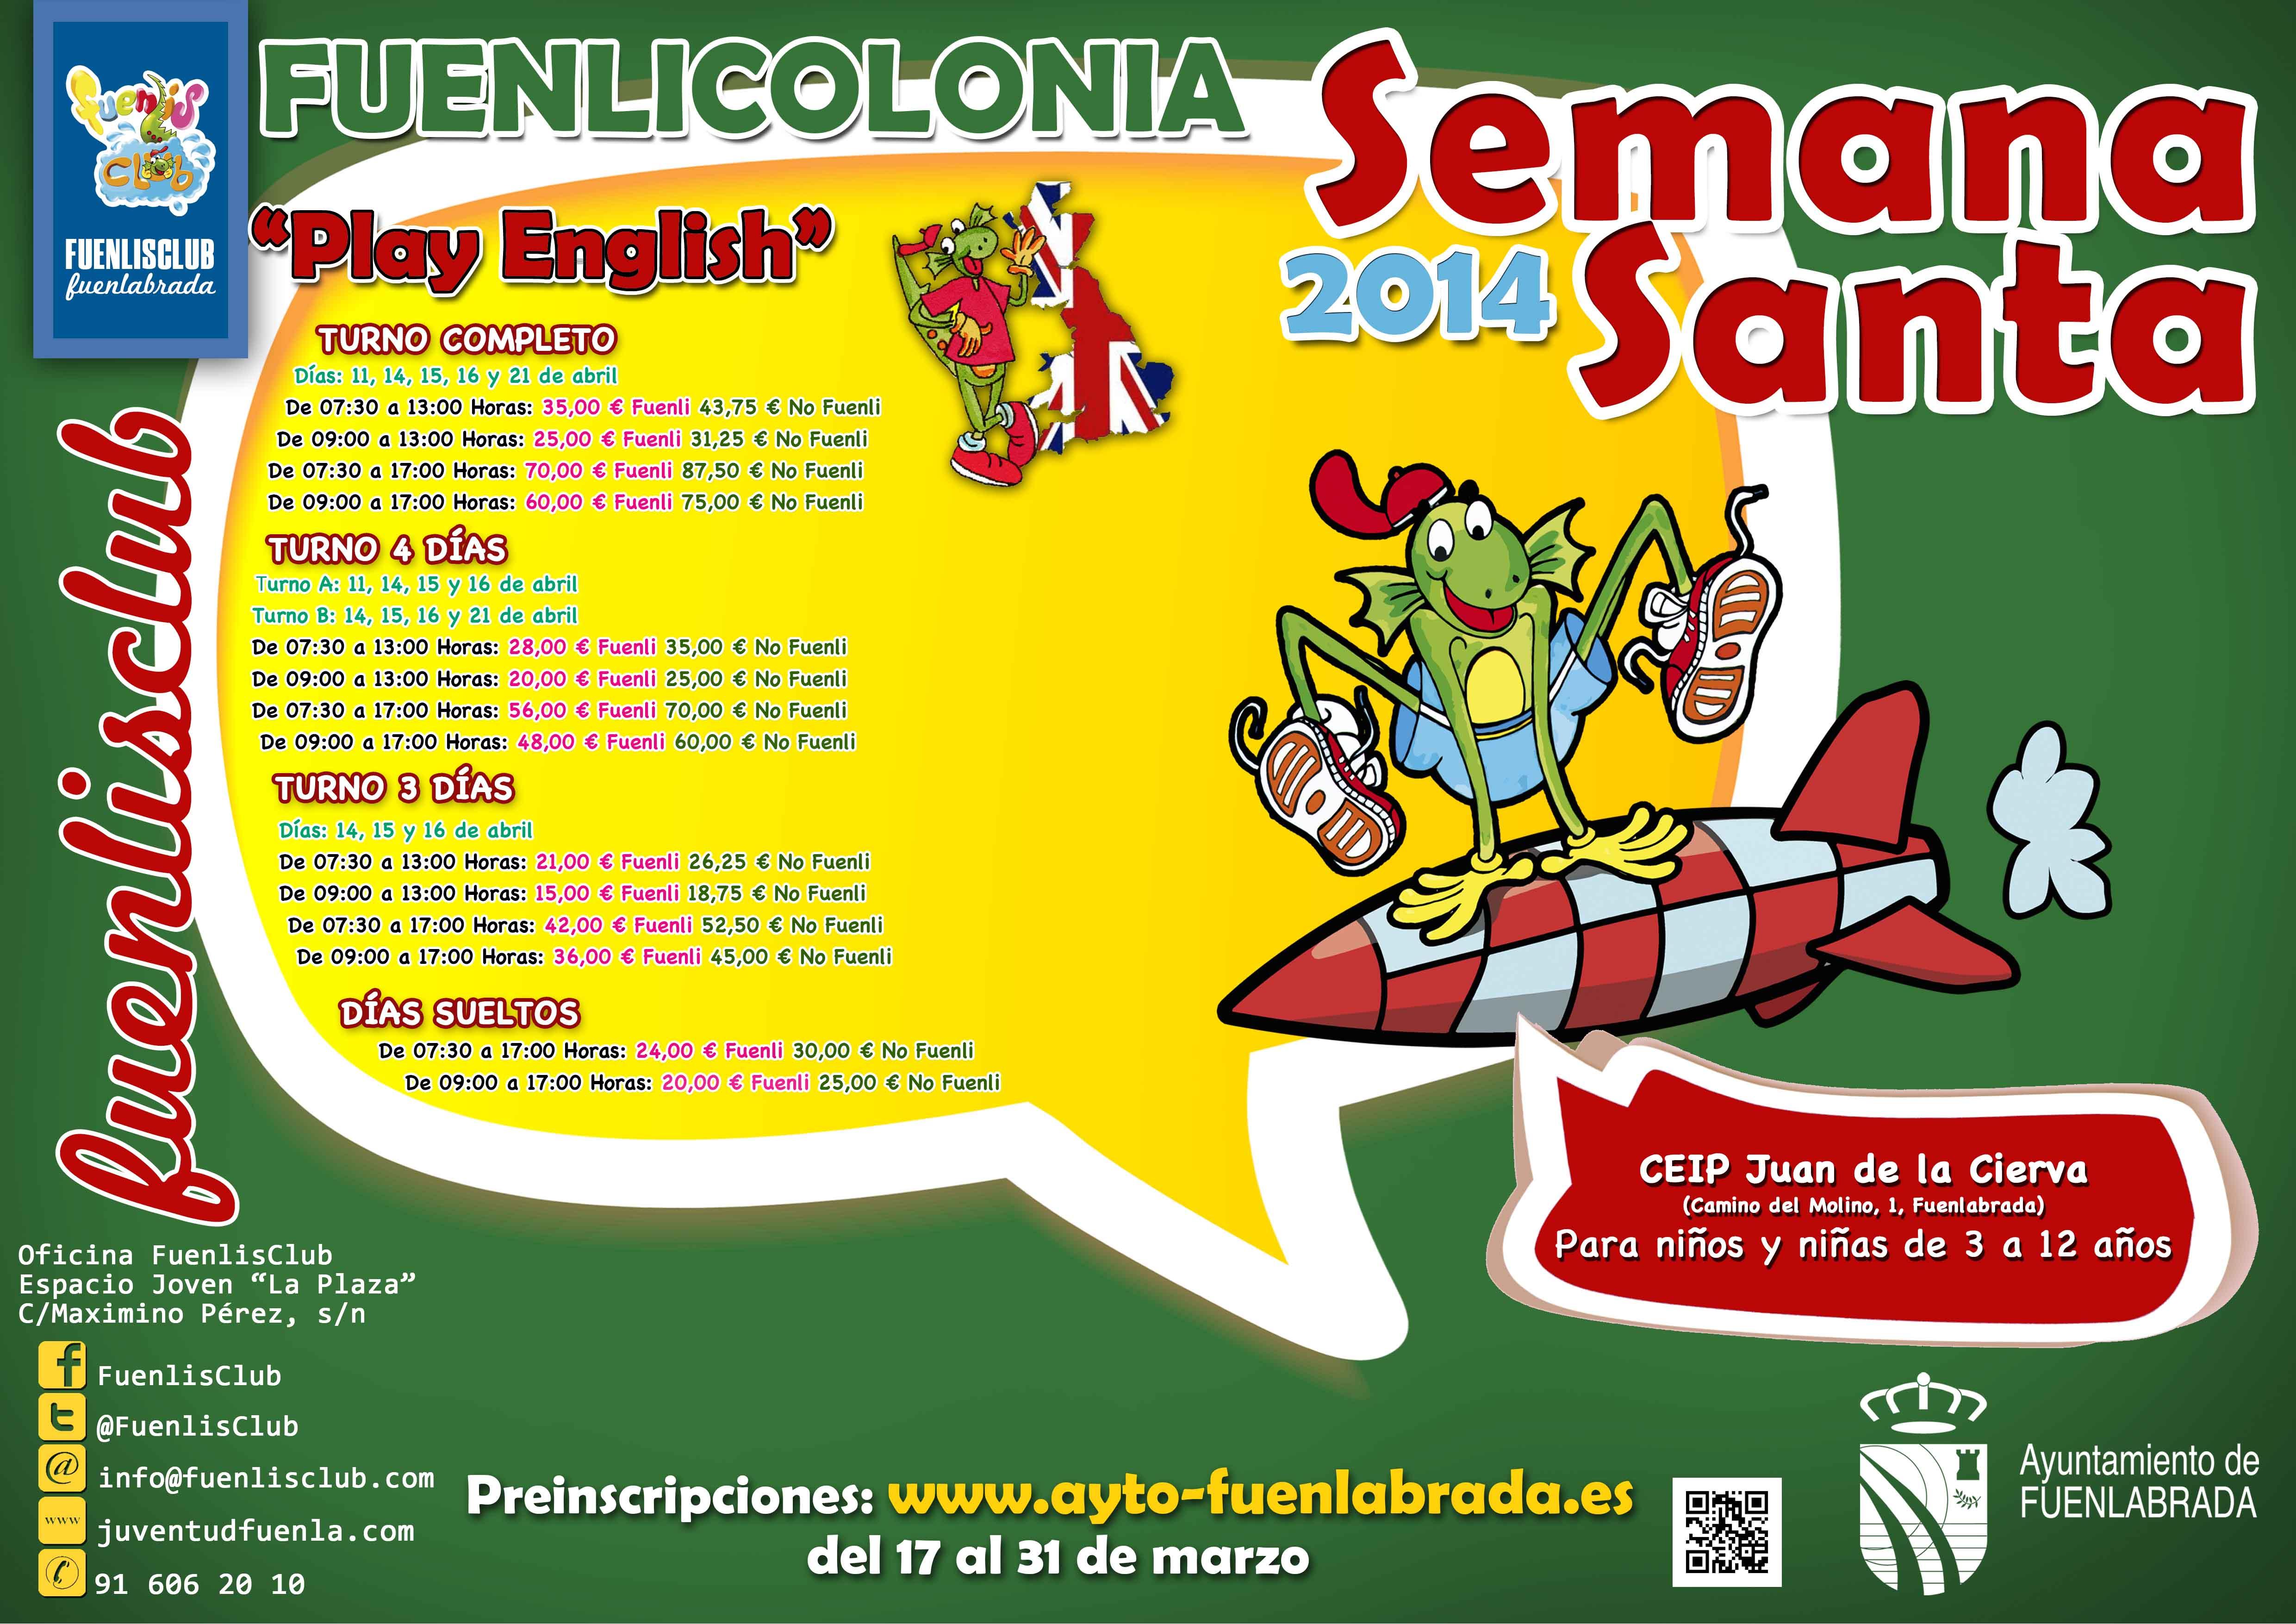 fuenlicolonias_semana_santa_web